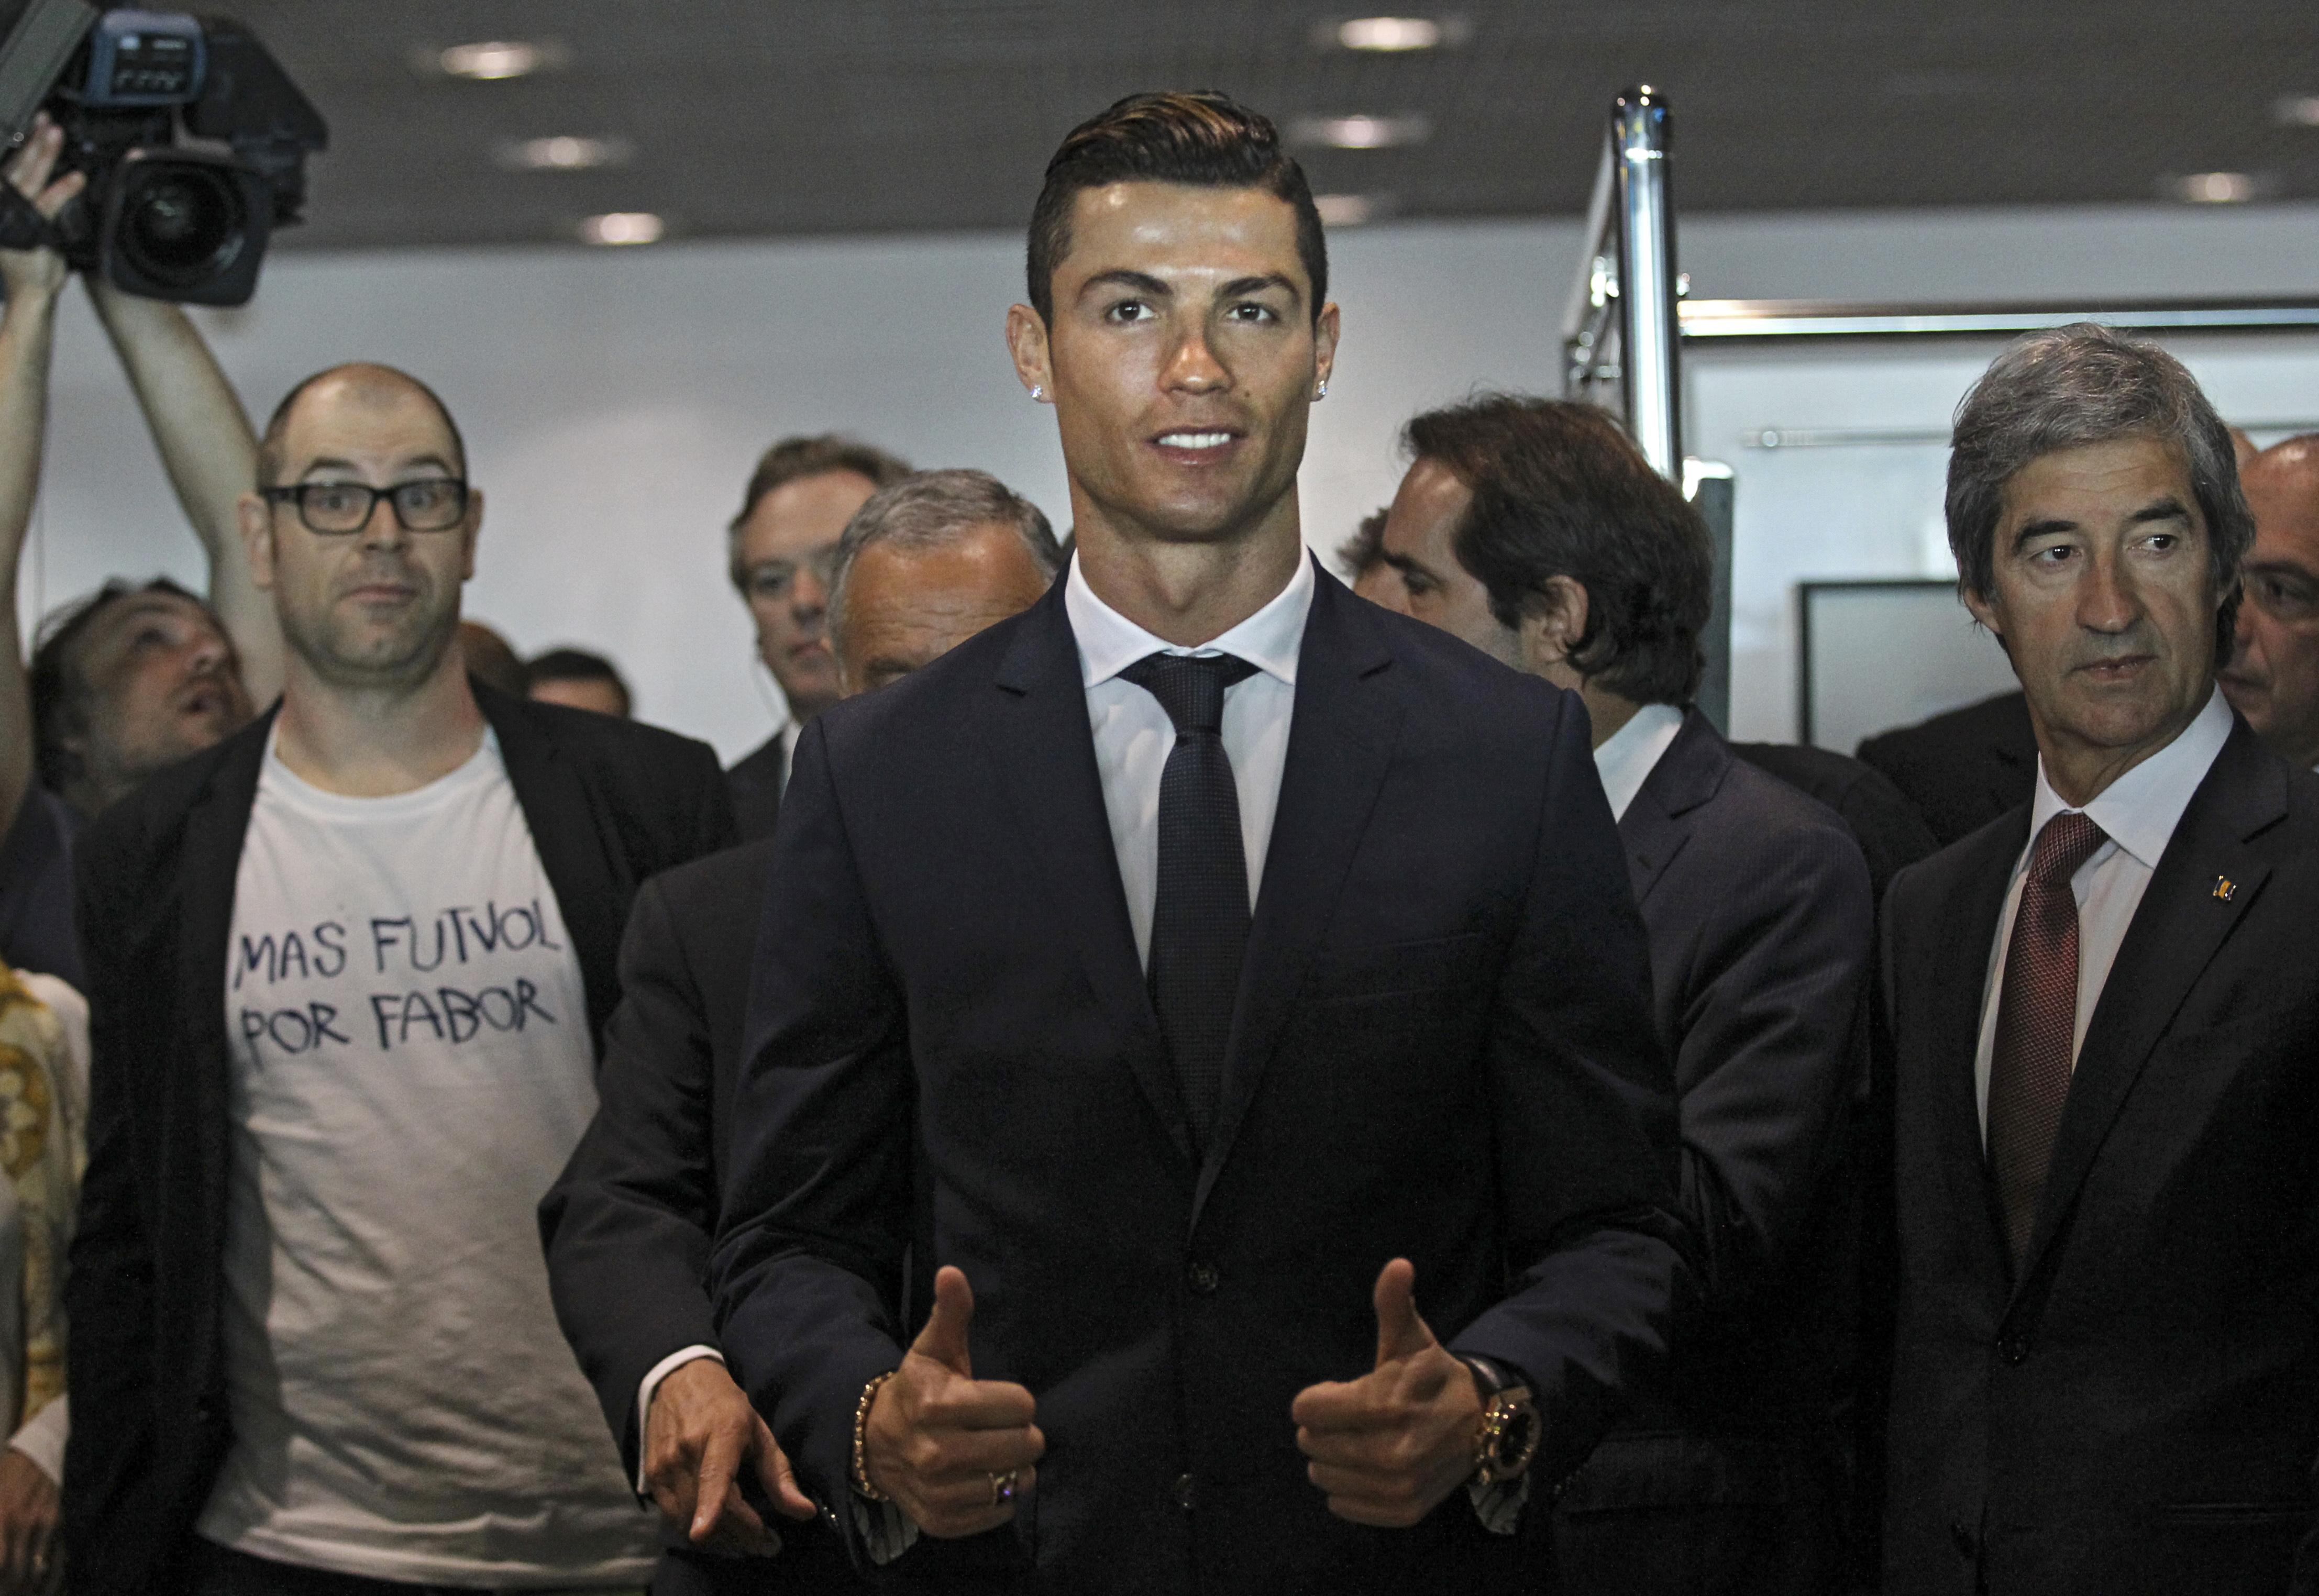 Cristiano Ronaldo are o statuie care nu-i seamănă deloc! E, mai degrabă, o caricatură! FOTO în articol